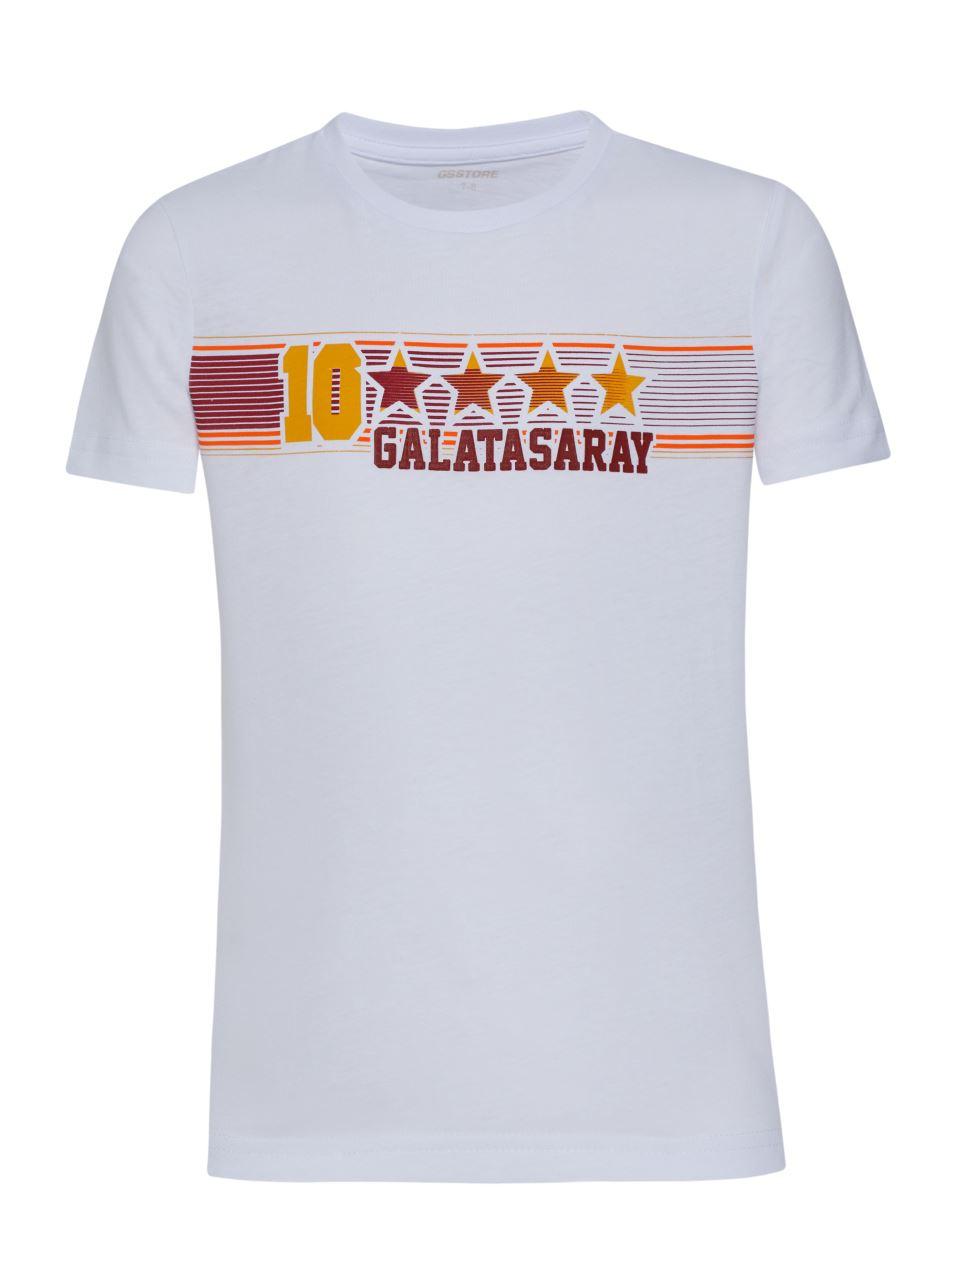 Galatasaray Çocuk T-shirt C191033